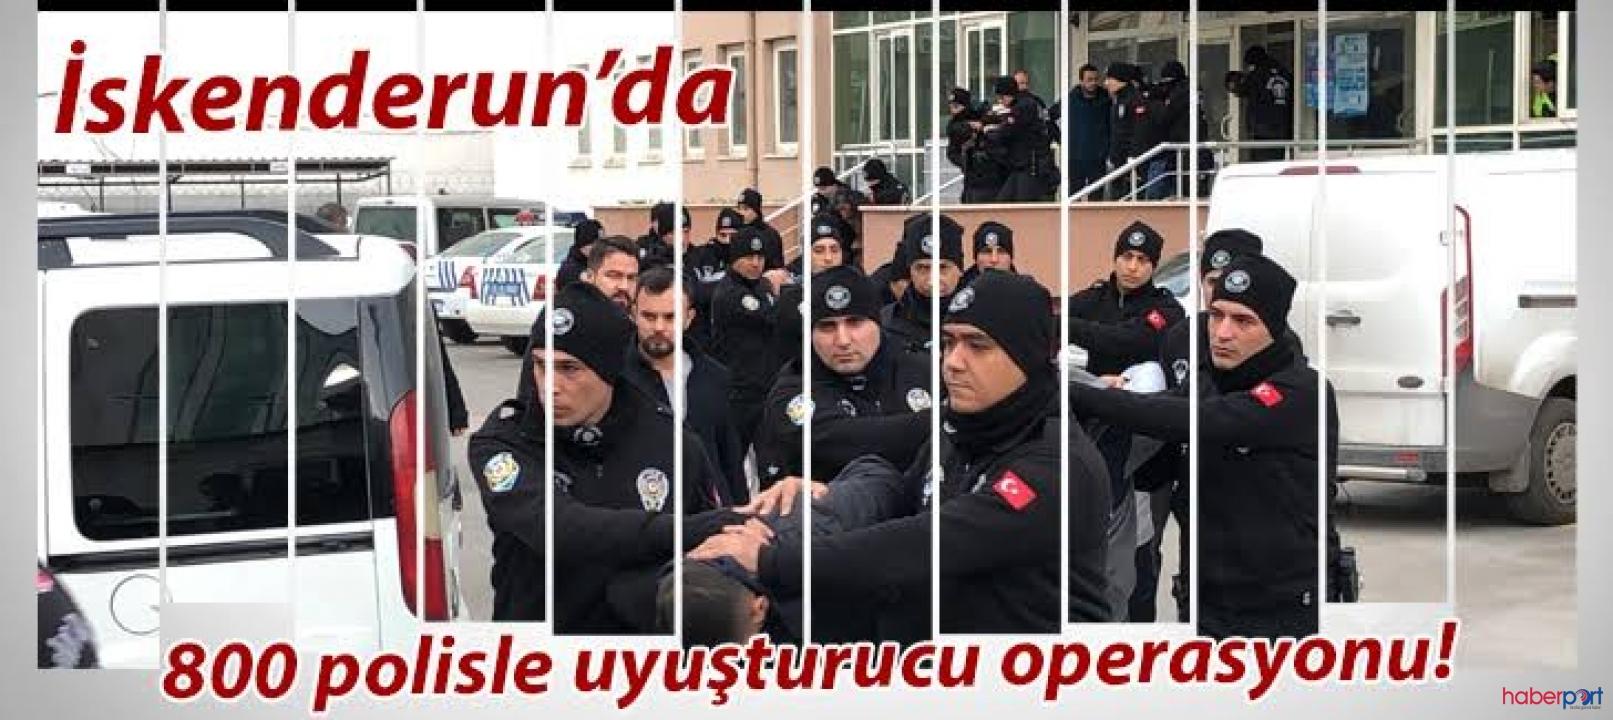 Hatay'da 800 polisle uyuşturucu tacirlerine baskın! 23 gözaltı